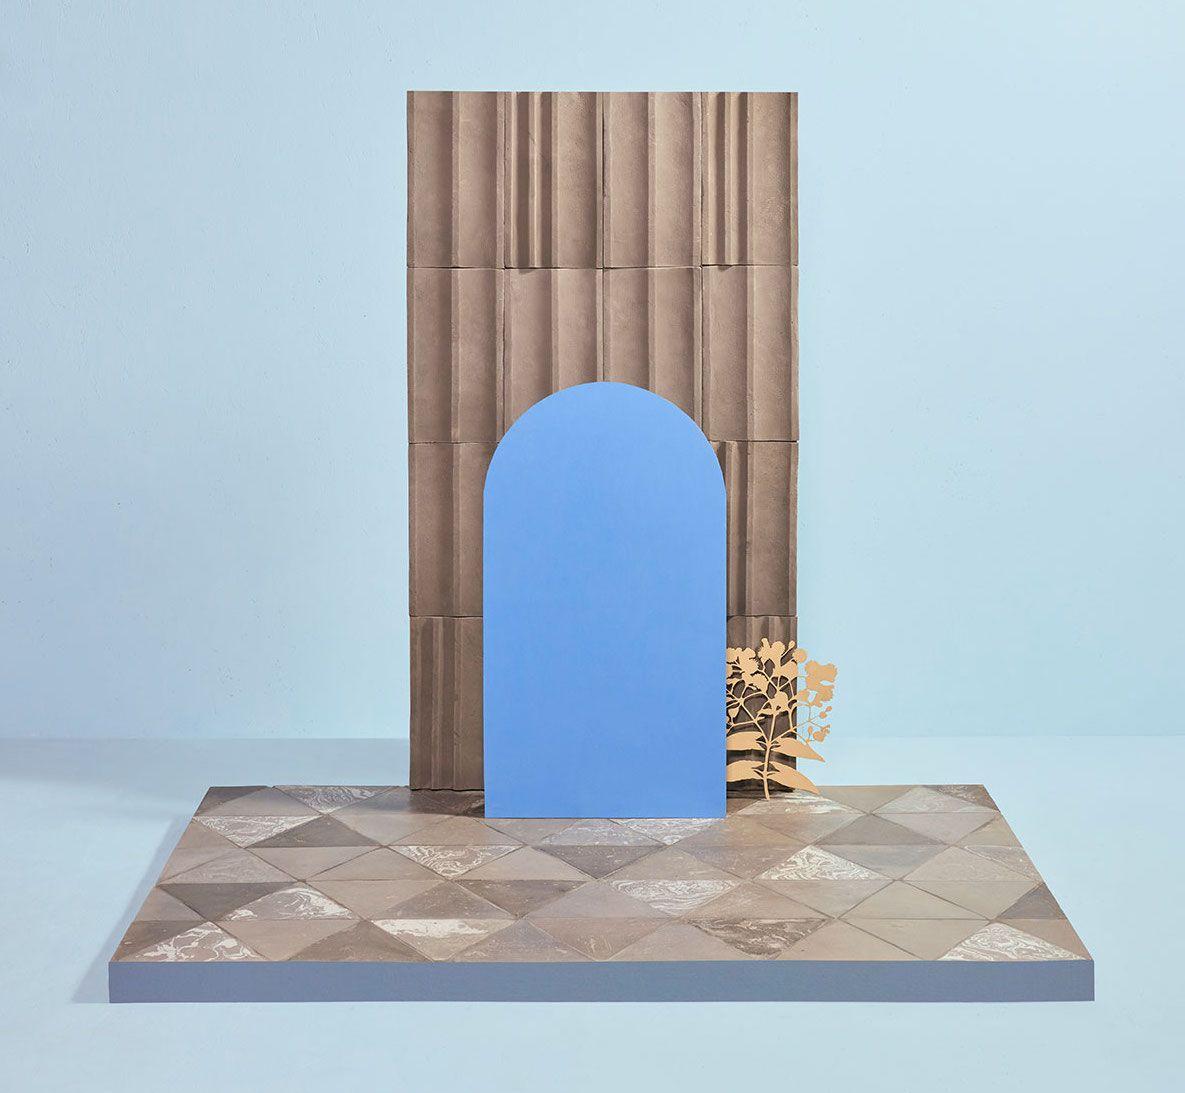 Fornace Brioni - Handmade Geometric Garden and Renaissance-inspired Terracotta Tiles